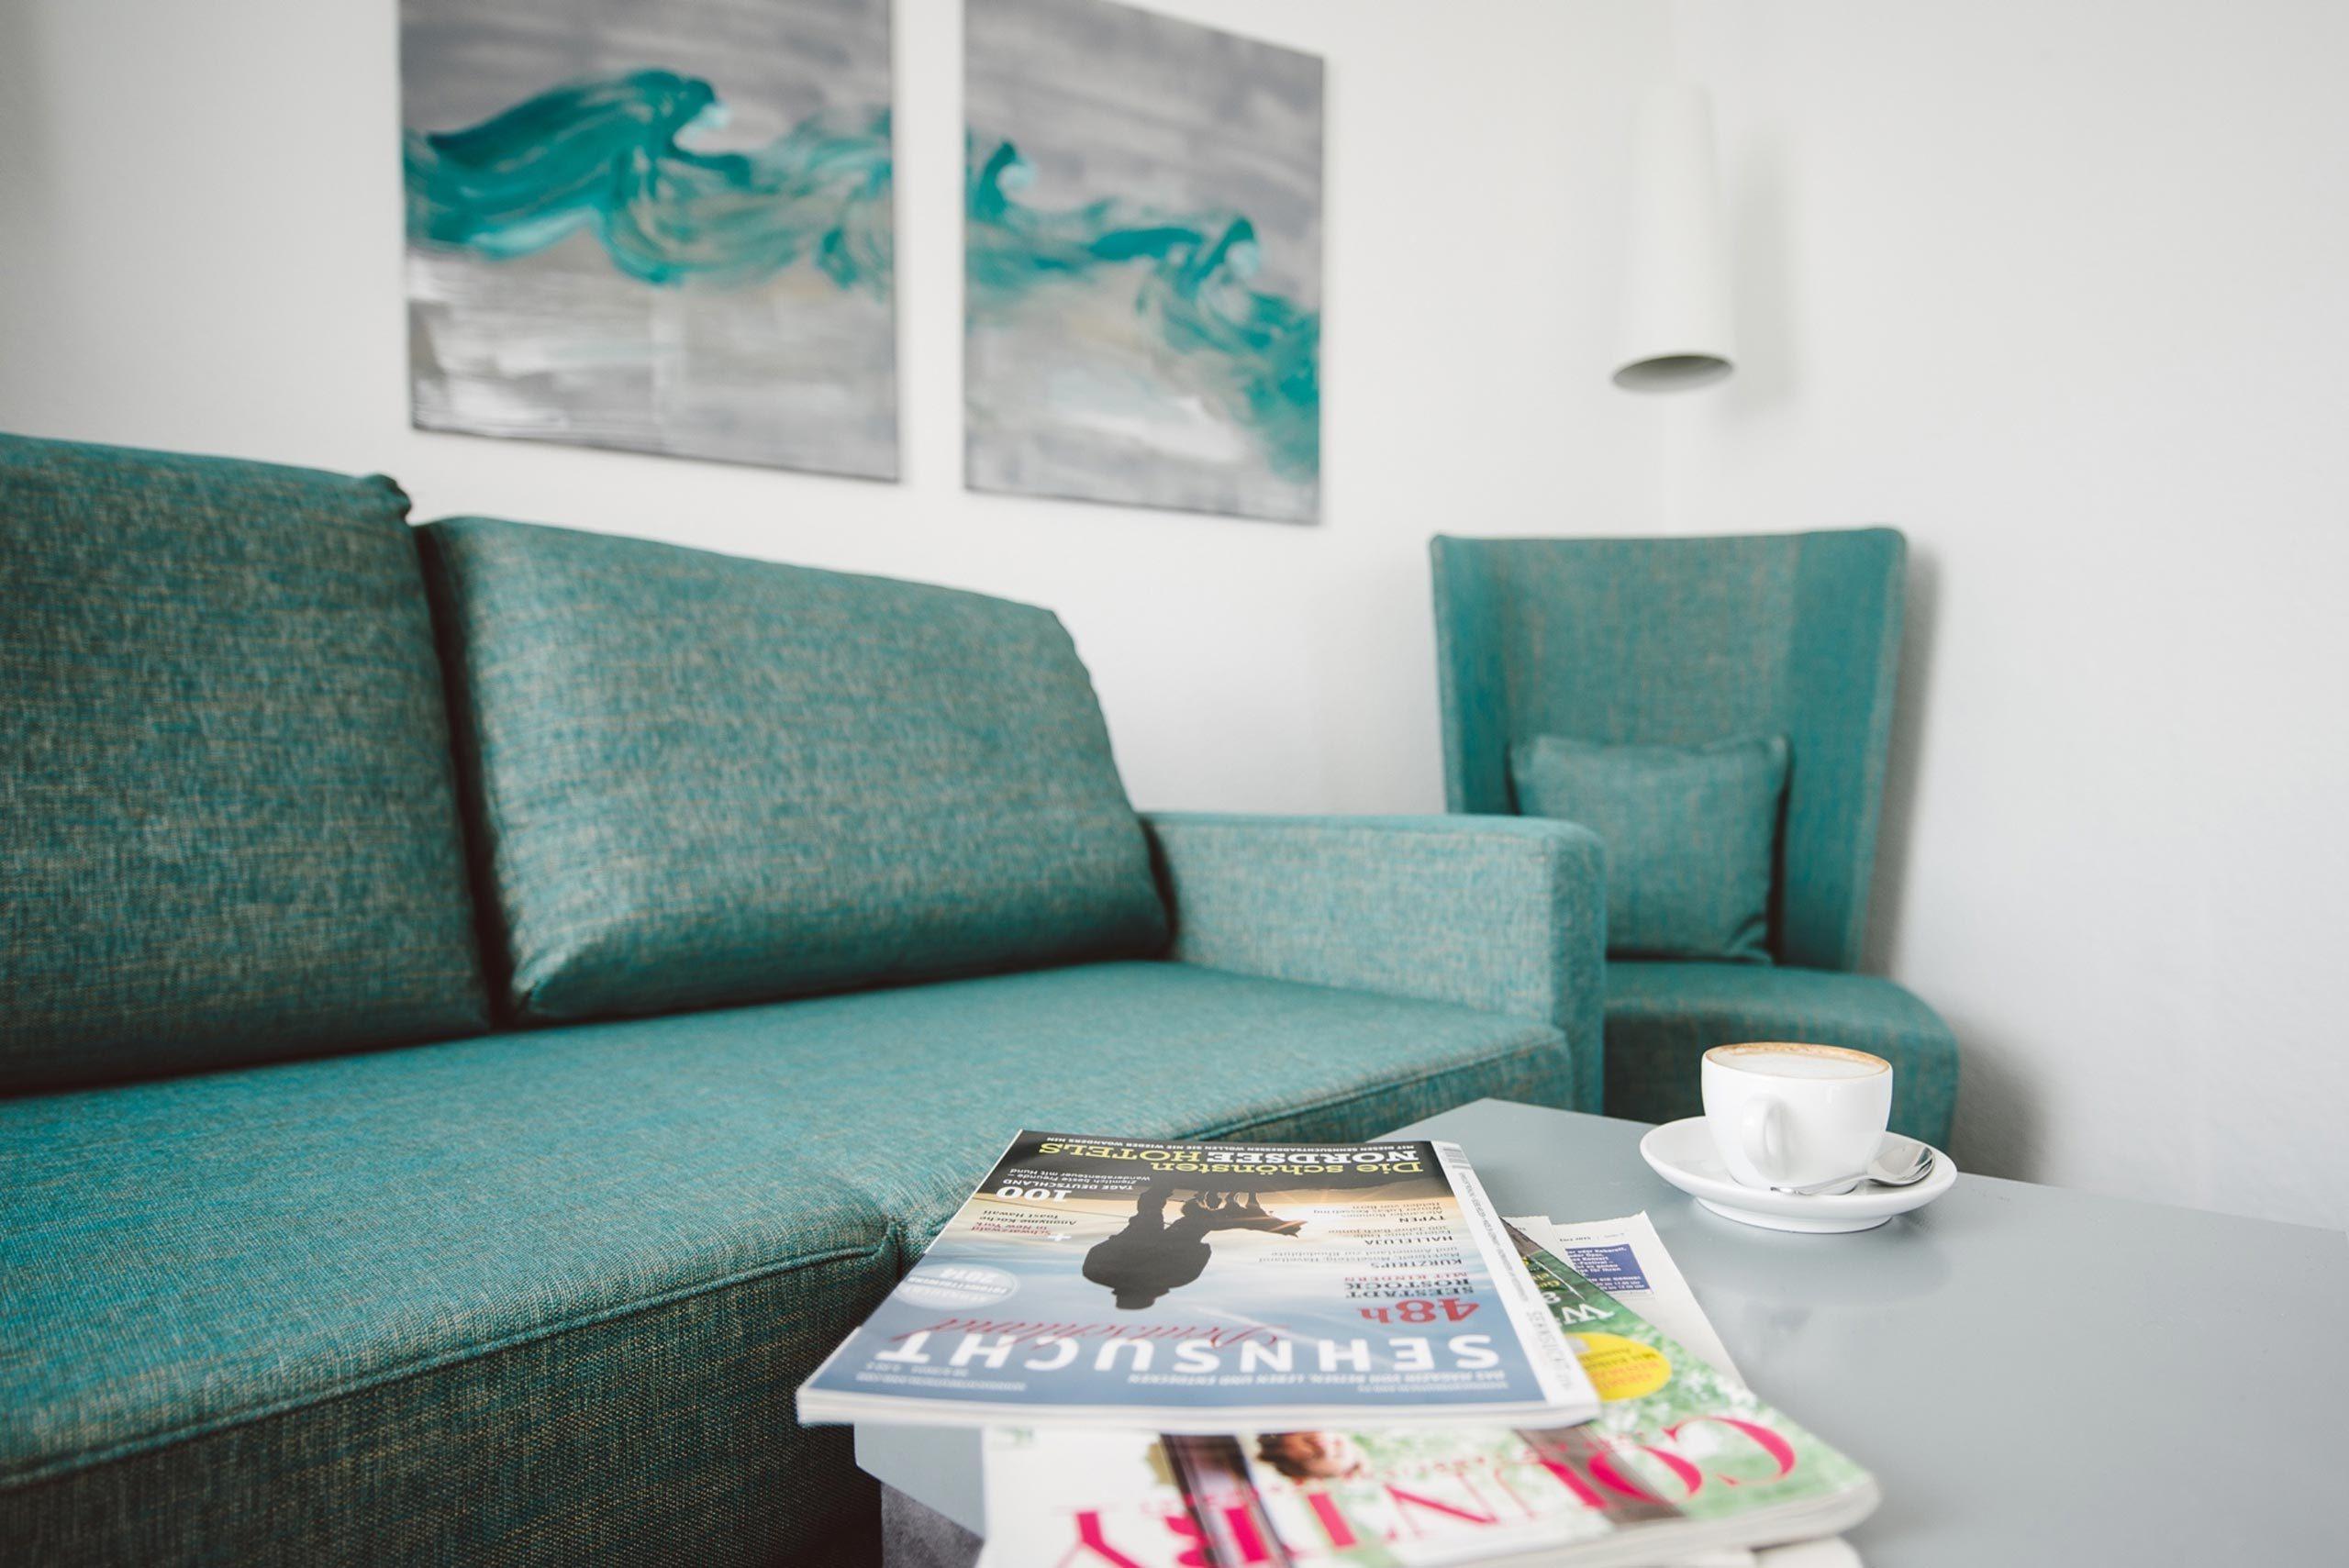 XL Zimmer: Wohnbereich in einer Juniorsuite im meerzeit Hotel in Cuxhaven